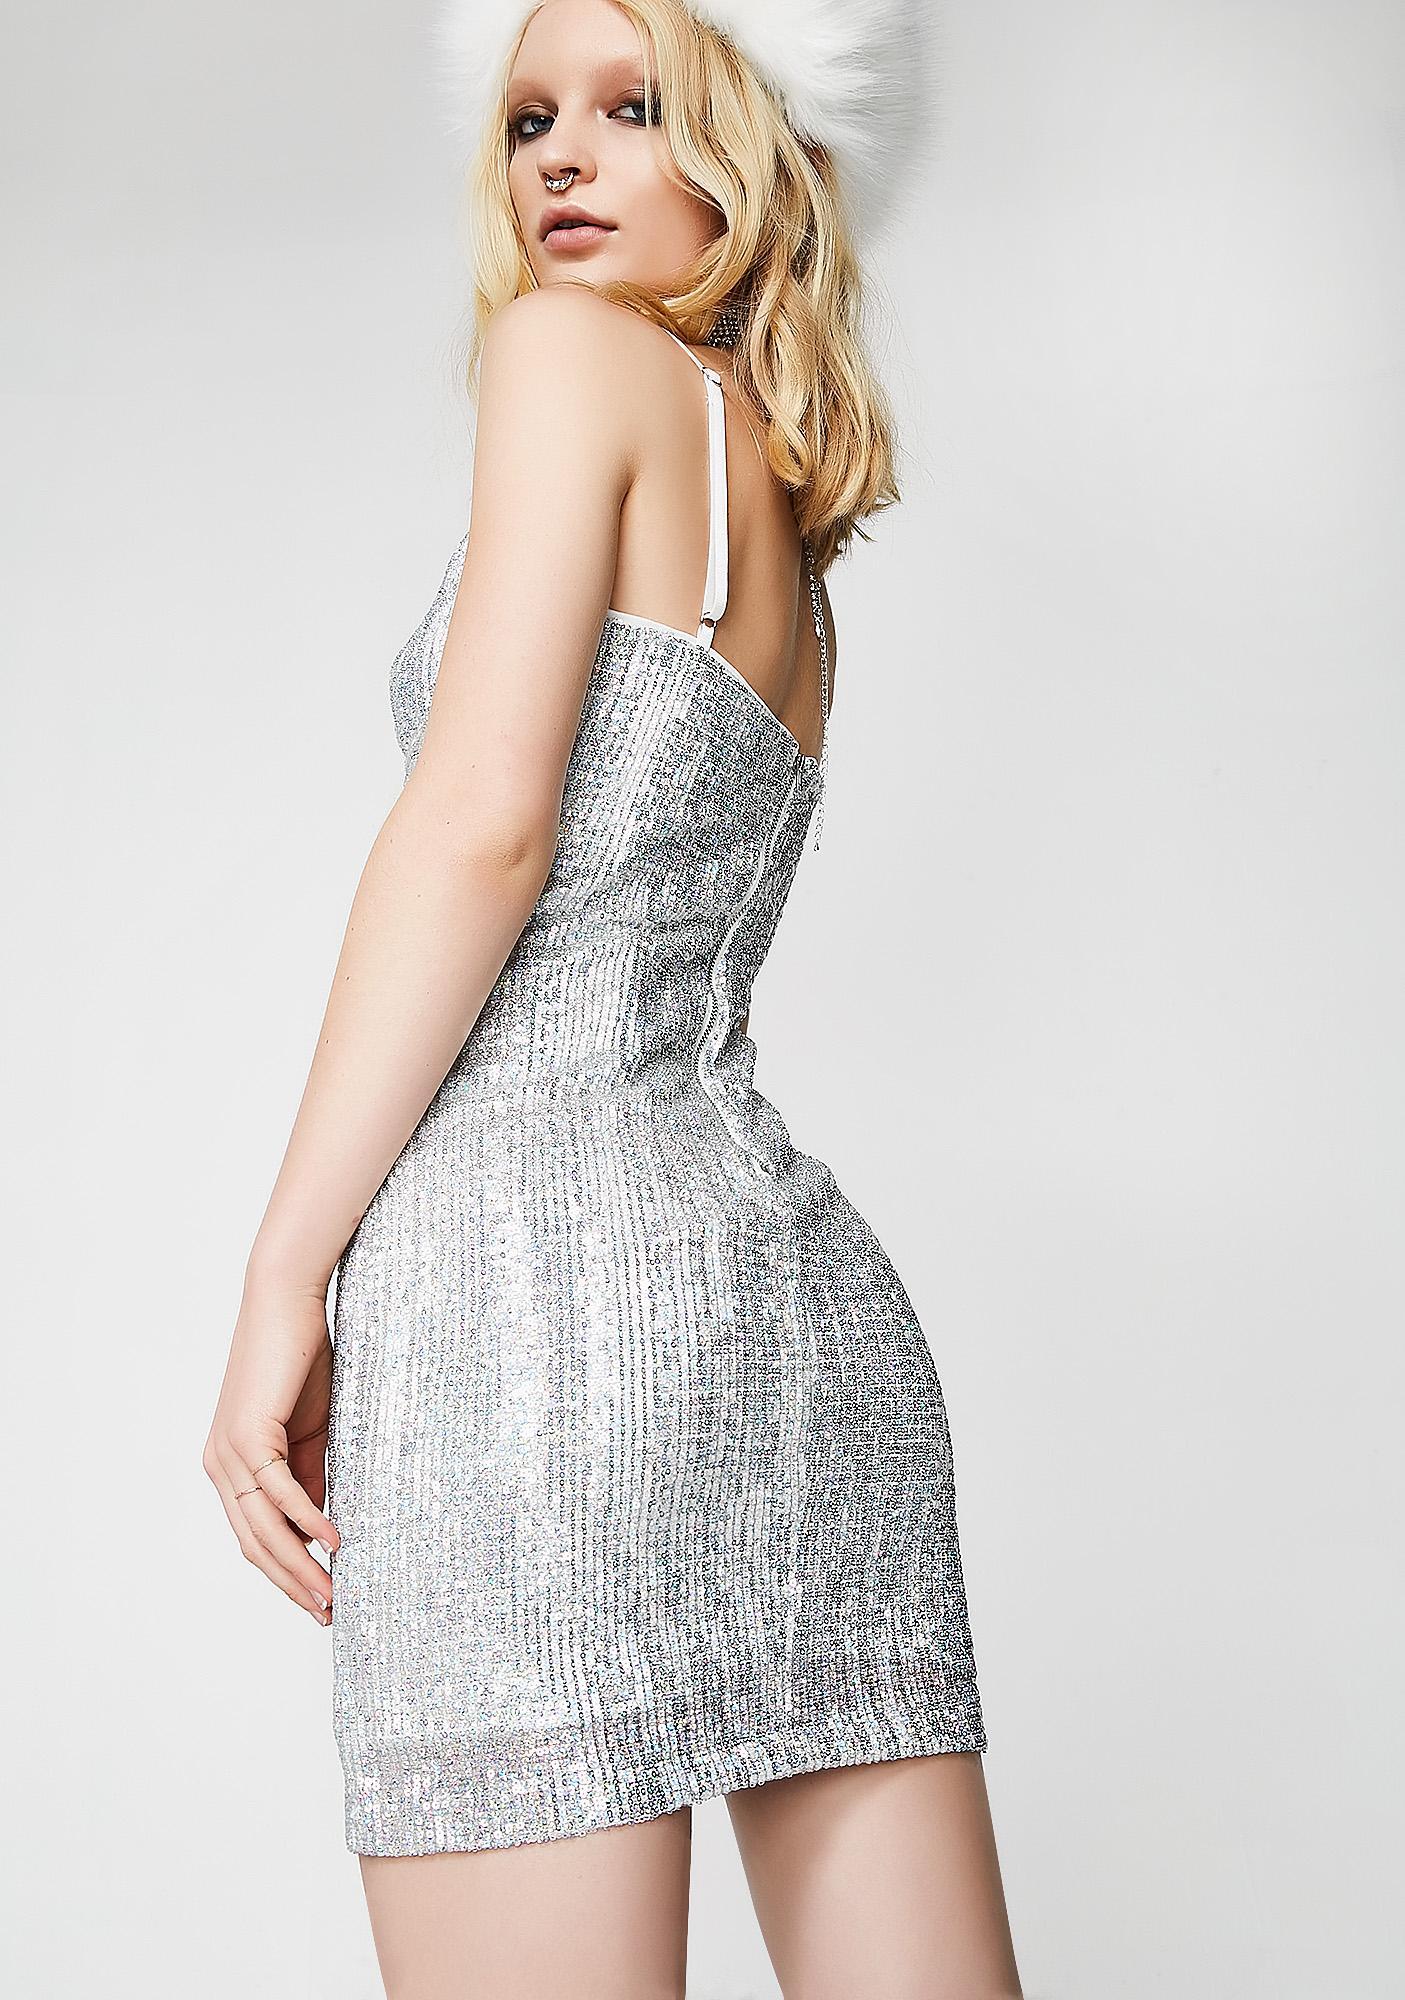 High Beamz Bustier Dress